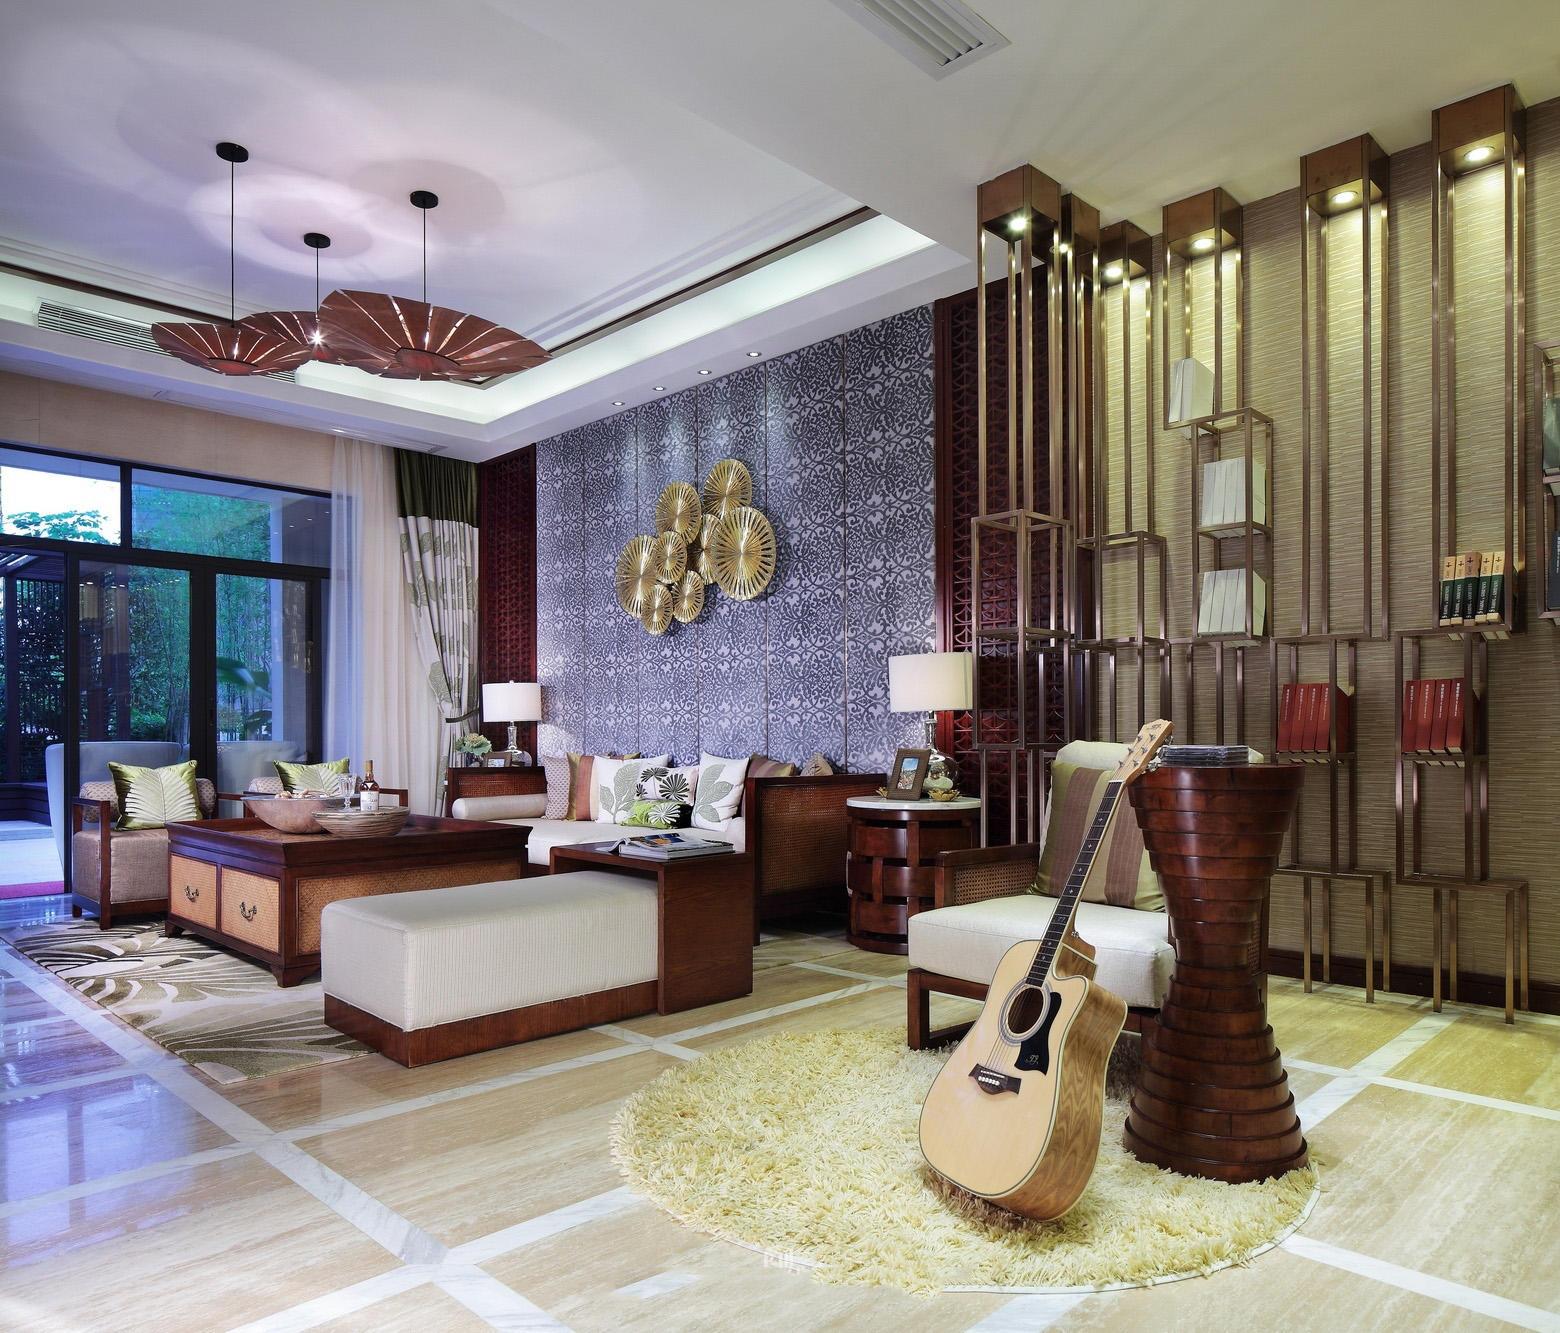 禅意自然东南亚风格家装客厅装修效果图